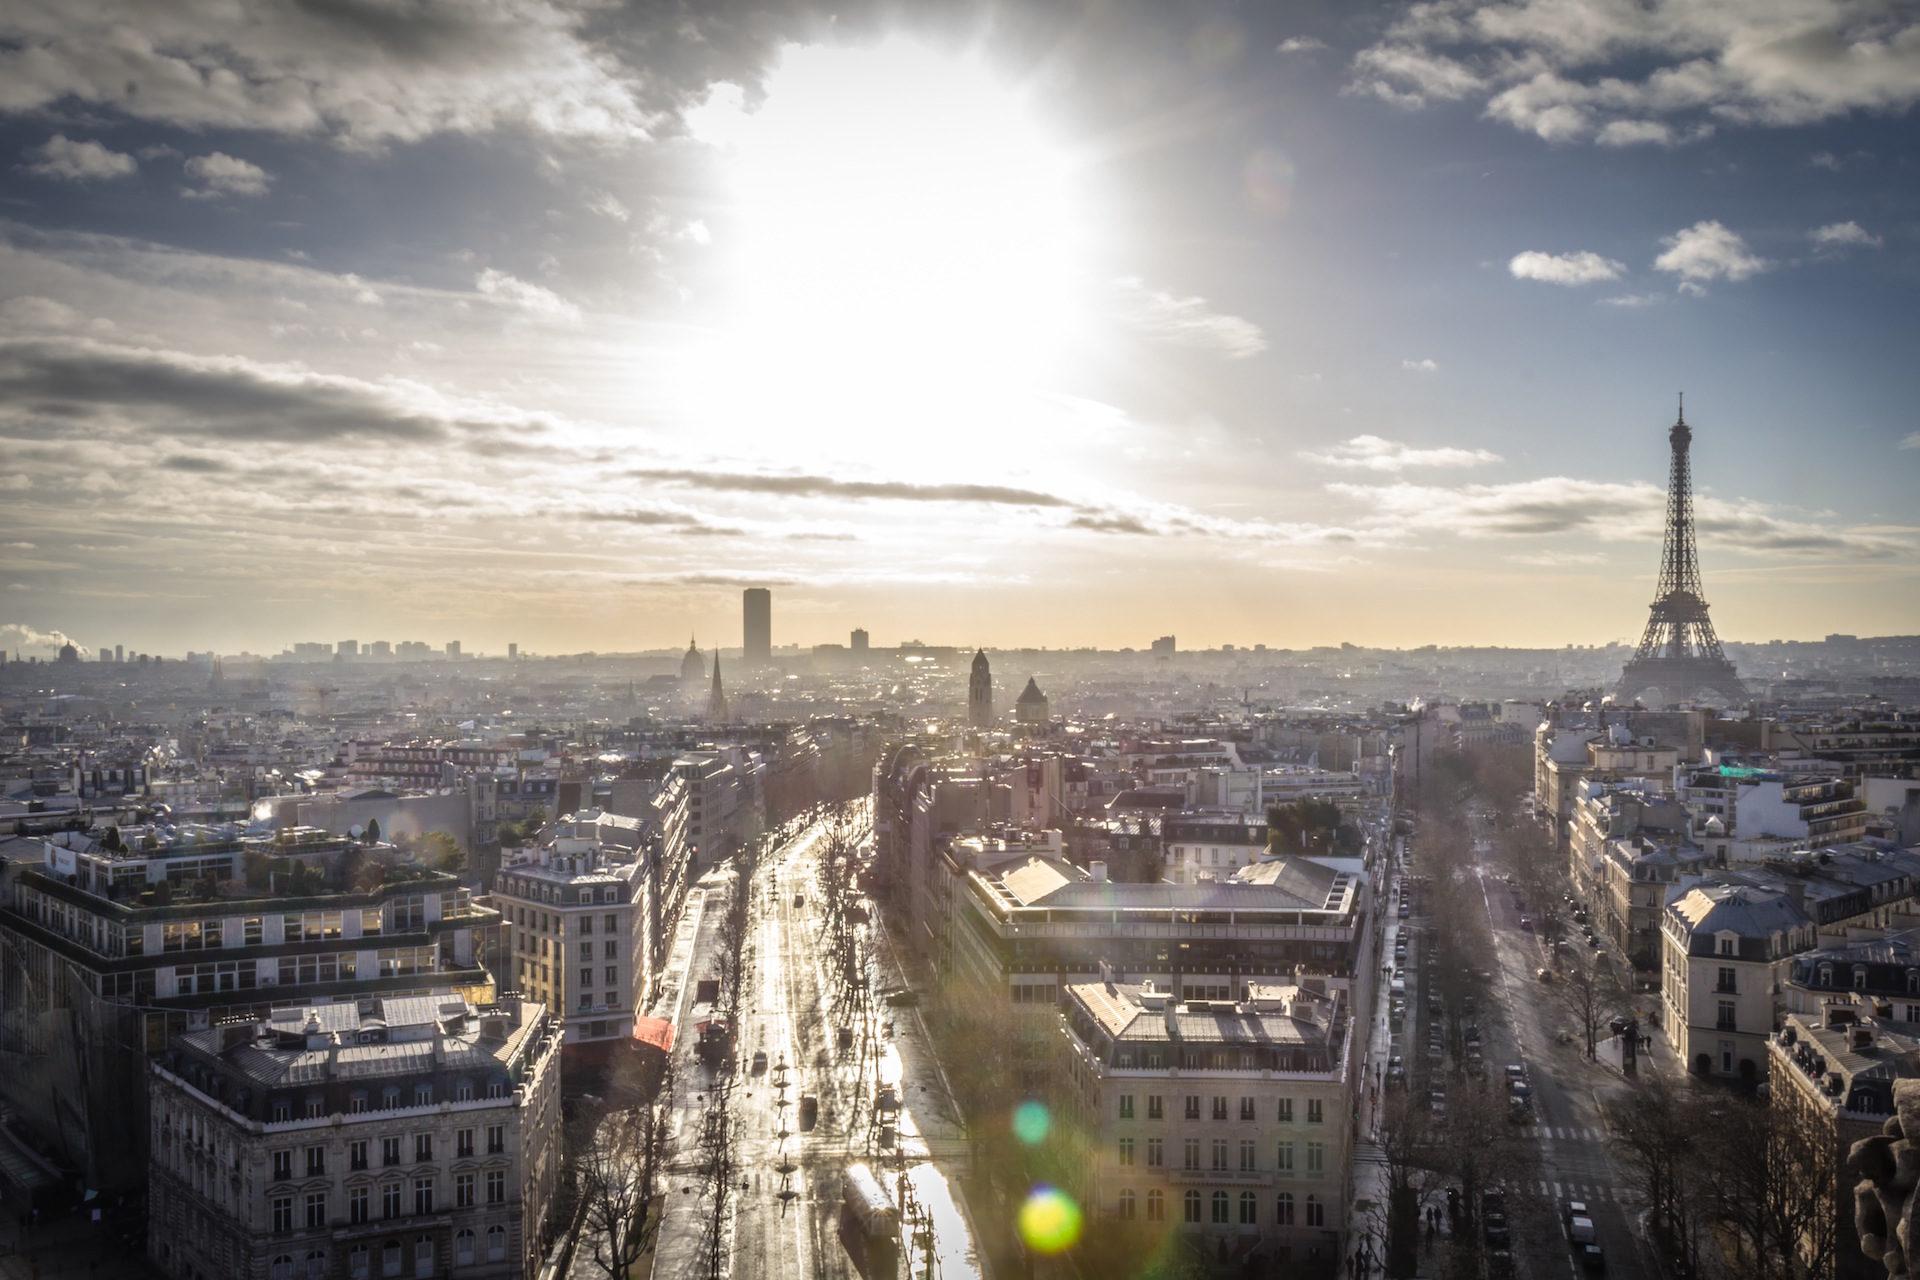 巴黎, 法国, 塔, 埃菲尔, 太阳 - 高清壁纸 - 教授-falken.com